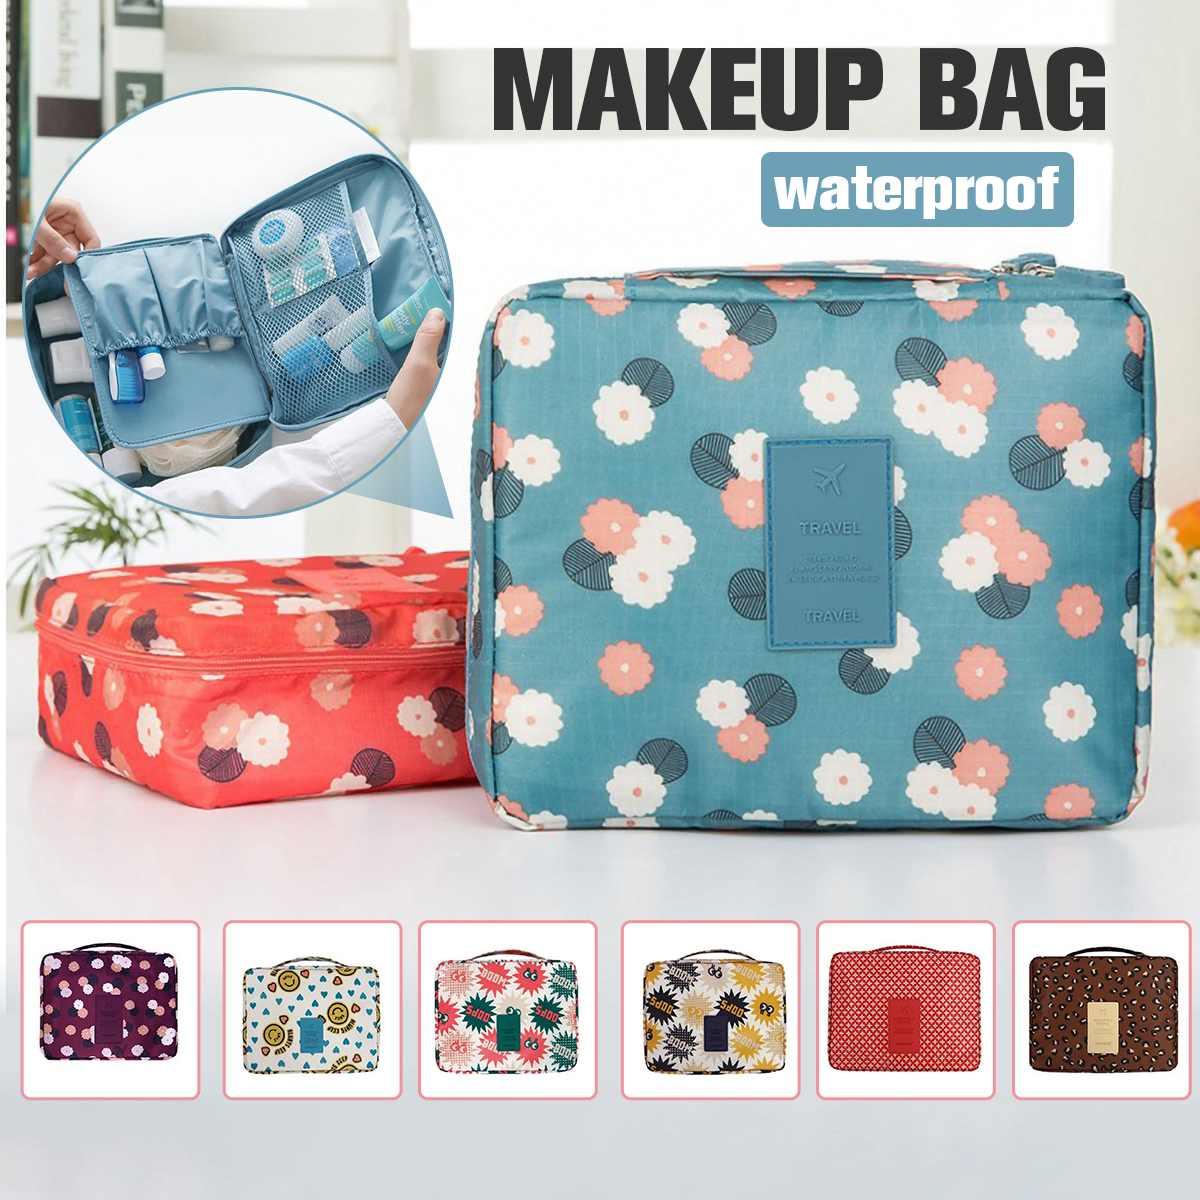 Nueva Bolsa portátil de almacenamiento de cosméticos de doble capa impermeable de Color mixto bolsa de maquillaje bolsa de viaje de lavado (Color al azar al momento de la entrega)